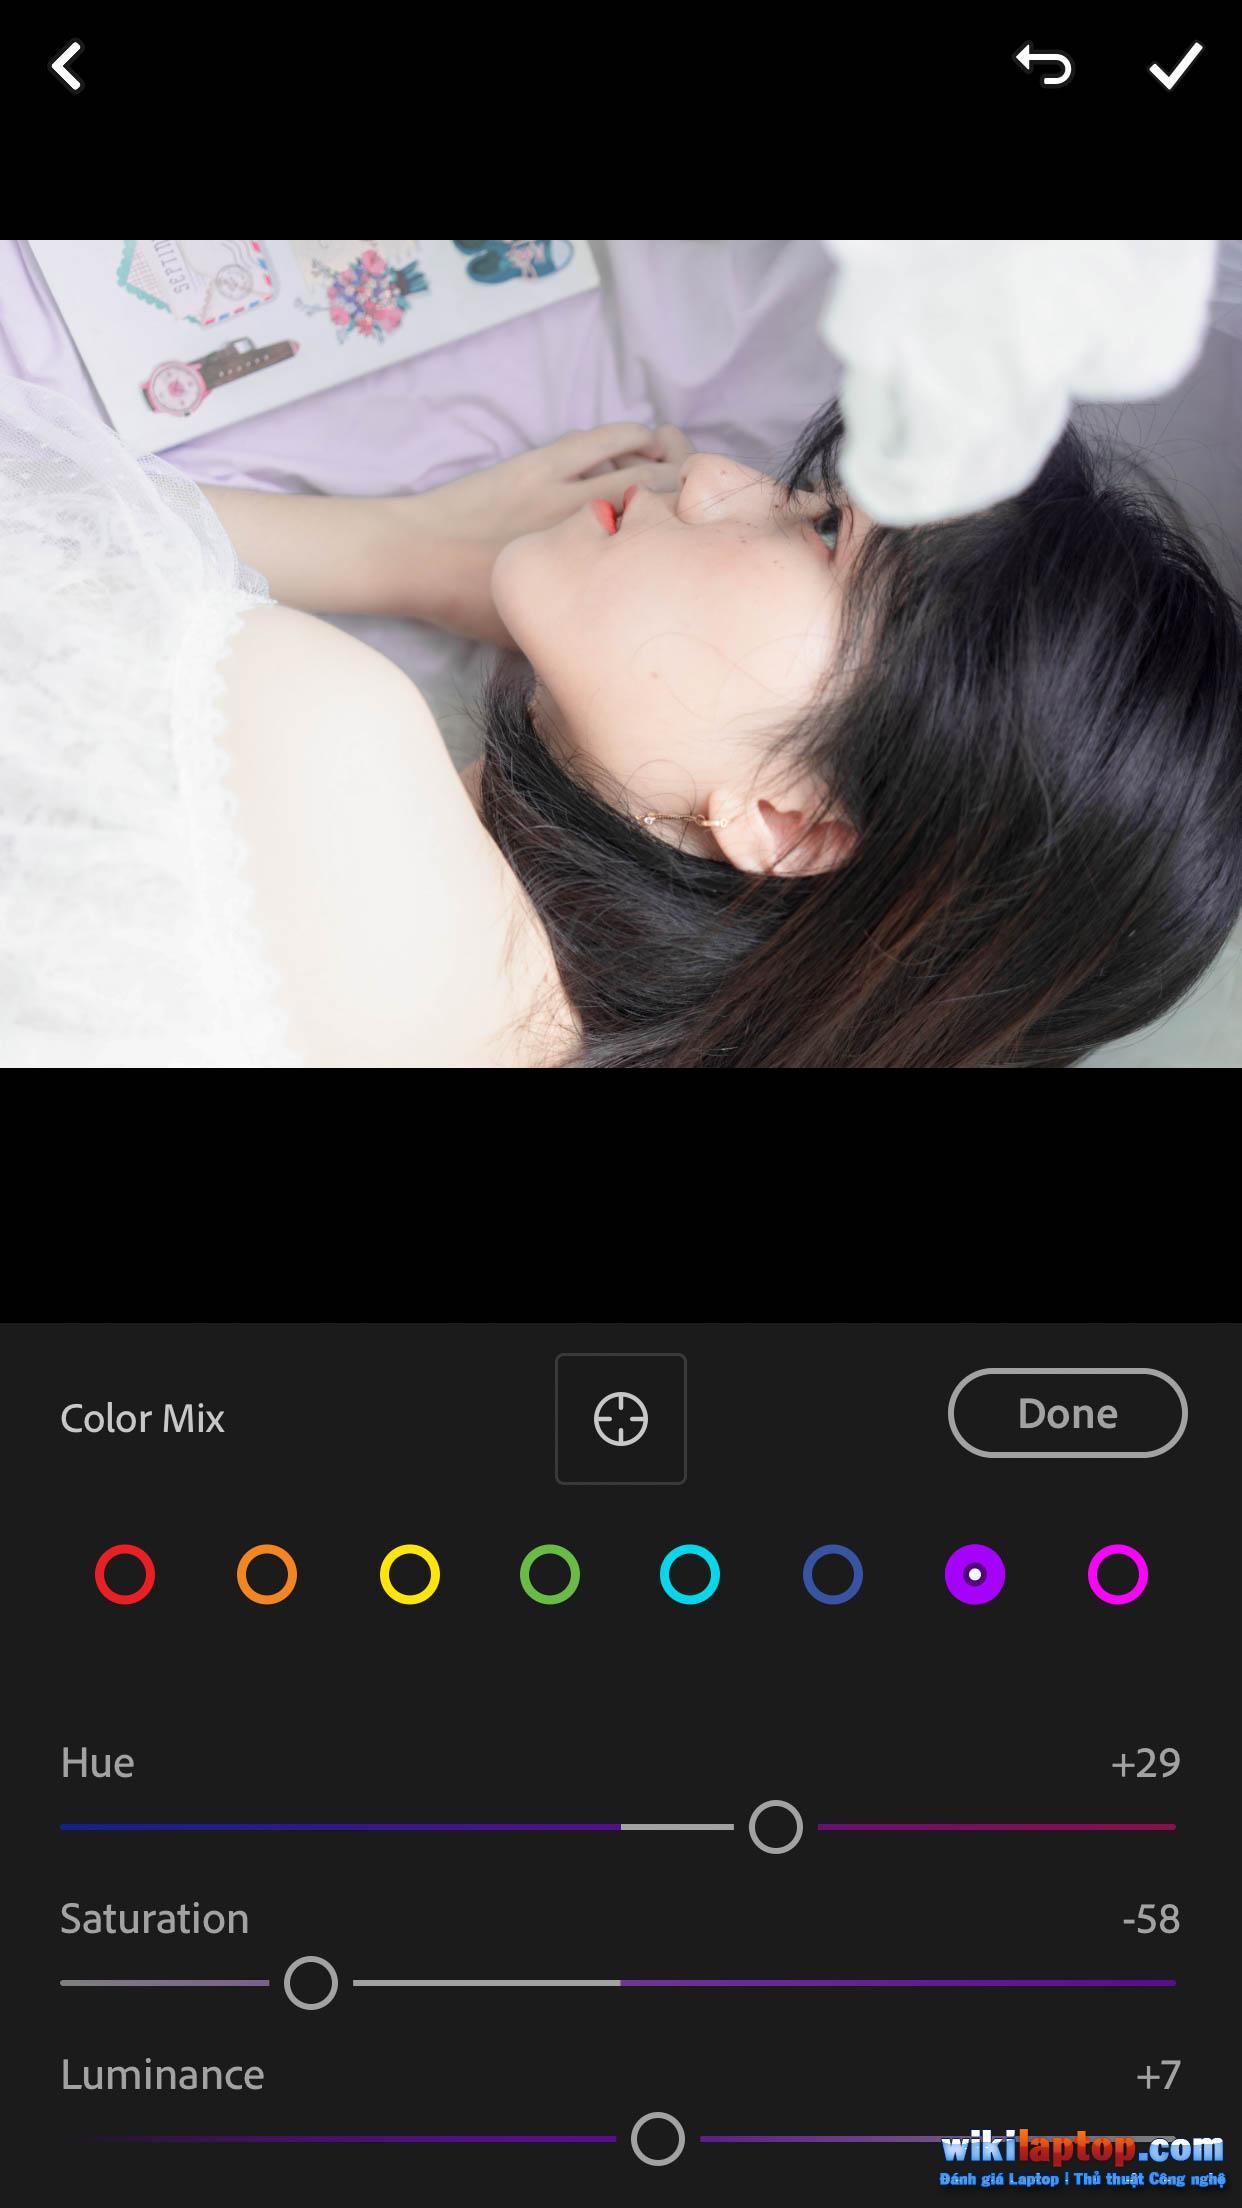 Sforum - Trang thông tin công nghệ mới nhất IMG_5555 Lightroom Mobile # 8: Điều chỉnh tông màu sáng Trắng - Trắng trong nhà và hồng với Lightroom Mobile.